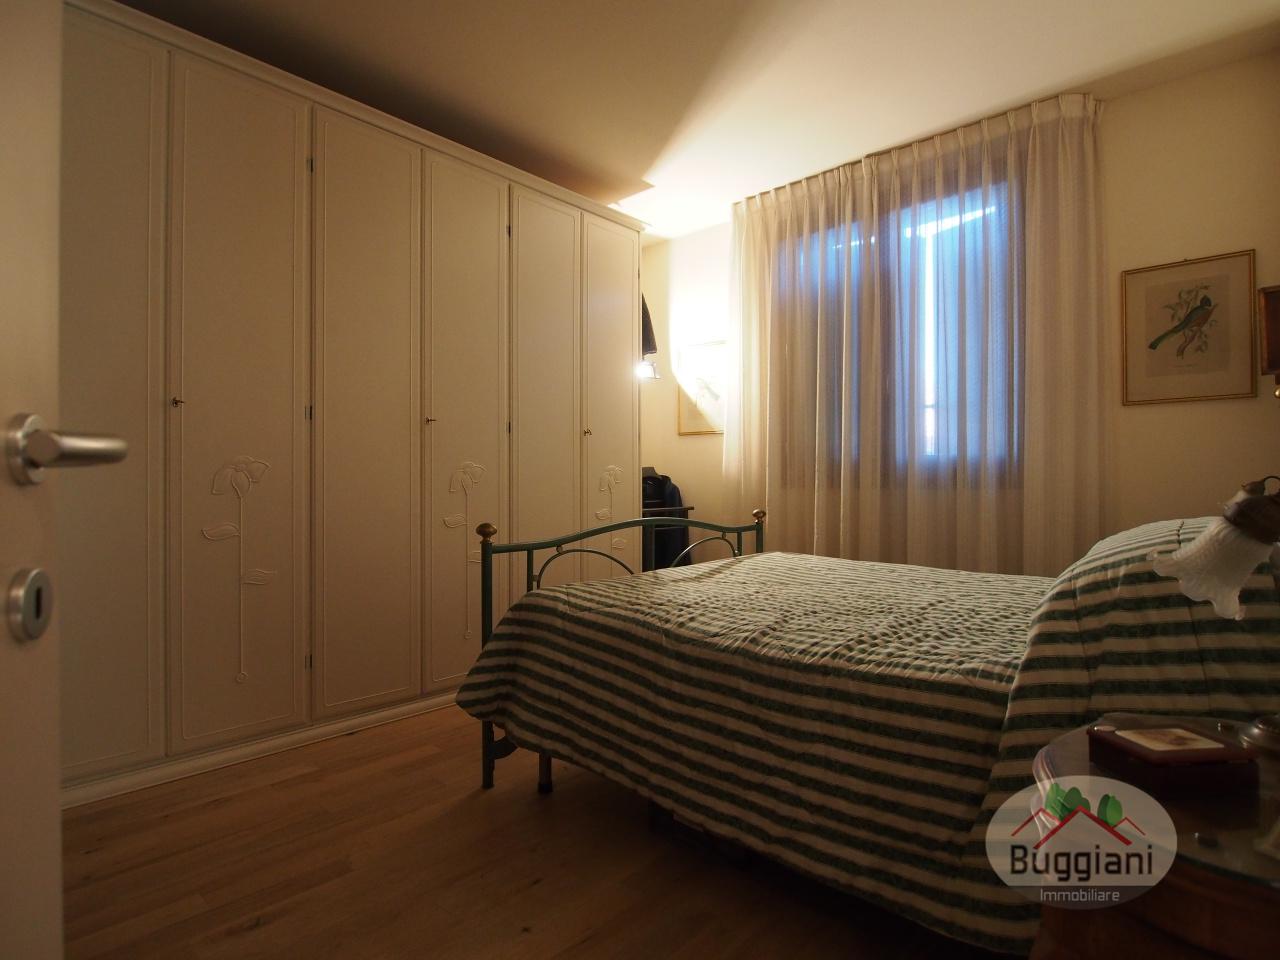 Appartamento in vendita RIF. 1692, Castelfranco di Sotto (PI)